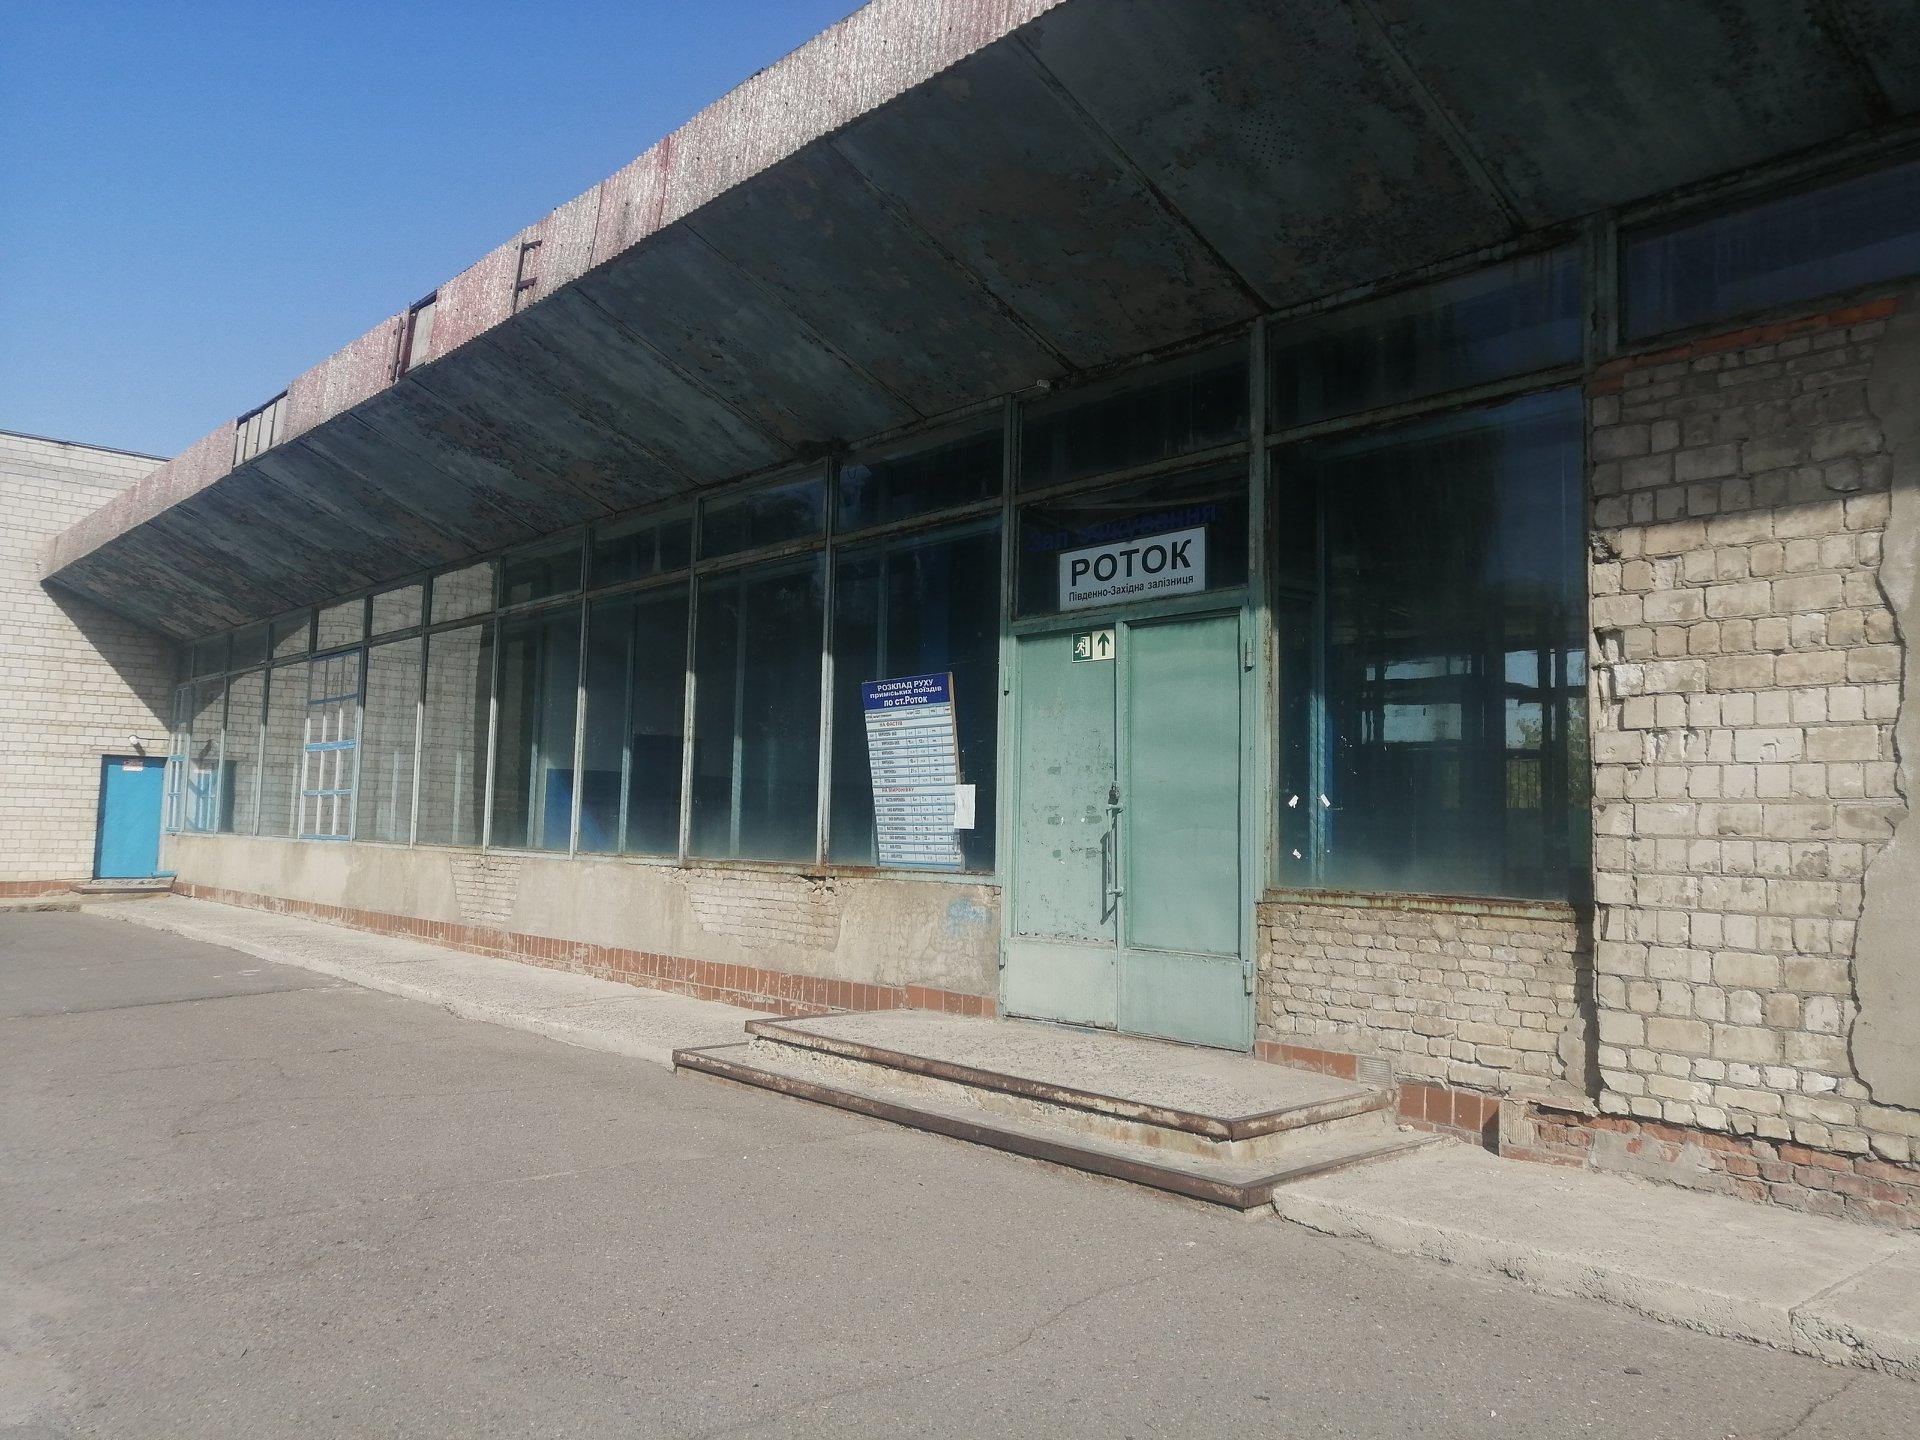 Станція Роток в занепаді: білоцерківські депутати звернулись до «Укрзалізниці» -  - 74161627 767913386994170 845013031413874688 o